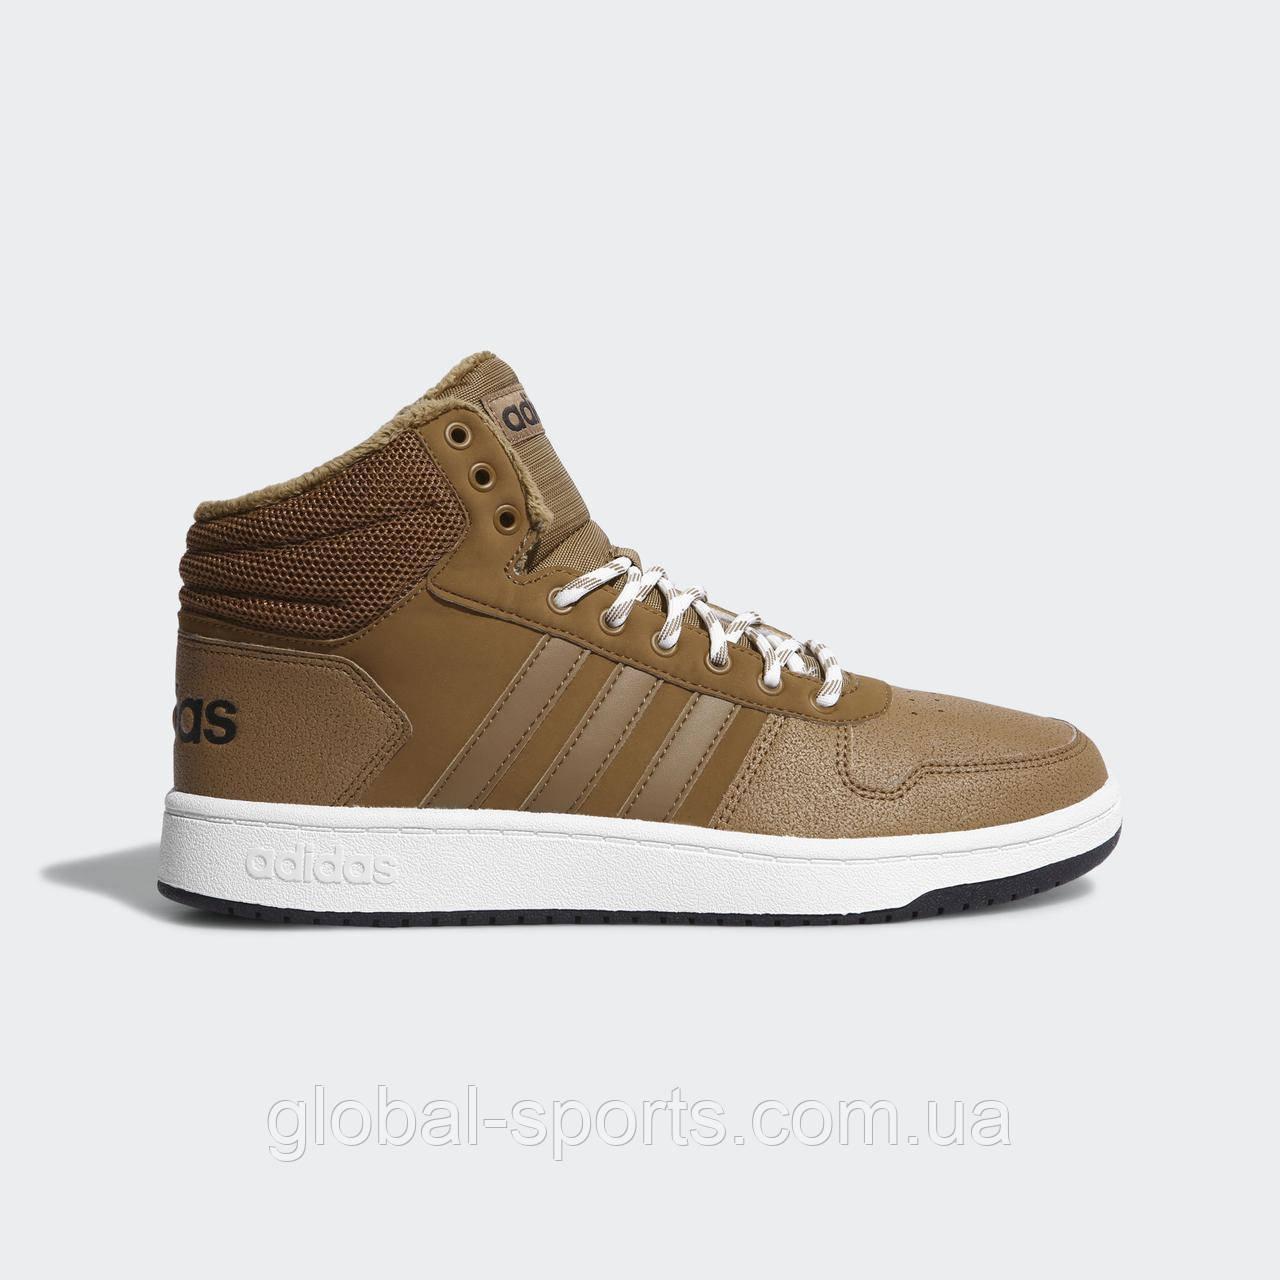 Мужские кроссовки Adidas Hoops 2.0 Mid (Артикул:CG7114)